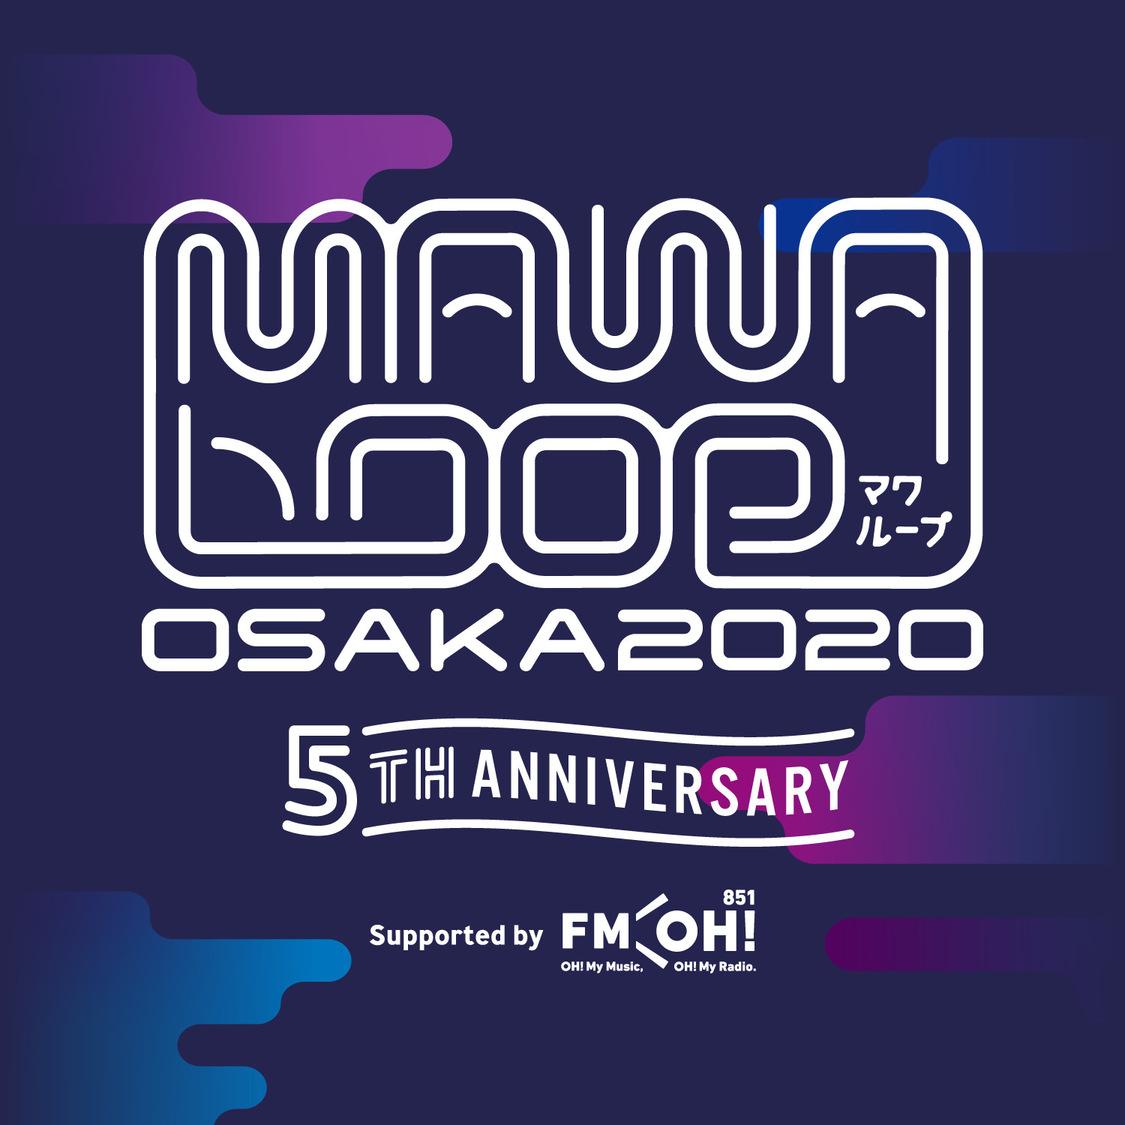 東京女子流、ヤナミュー、ヒロシン、かみやど、豆柴の大群ら、<MAWA LOOP OSAKA 2020>出演決定!